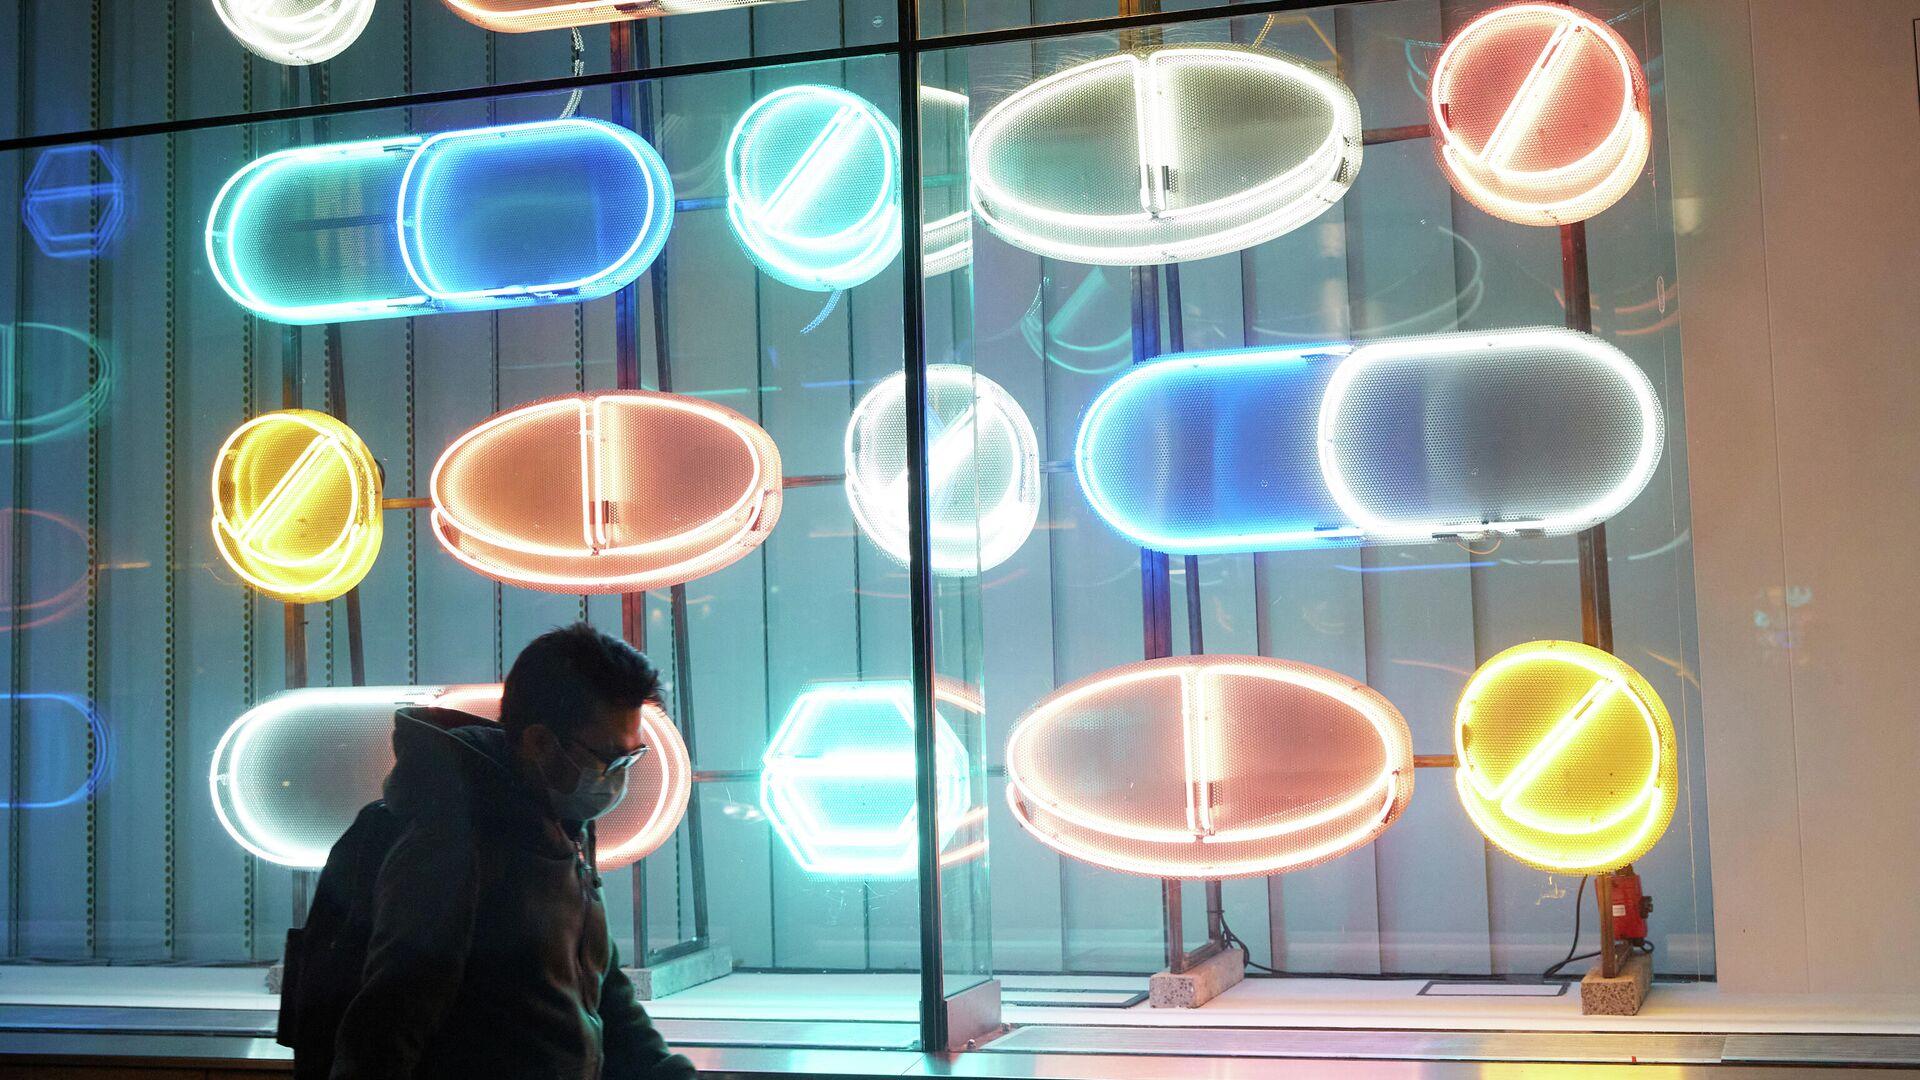 Прохожий на фоне витрины с неоновыми изображениями таблеток в Лондоне - РИА Новости, 1920, 25.05.2021